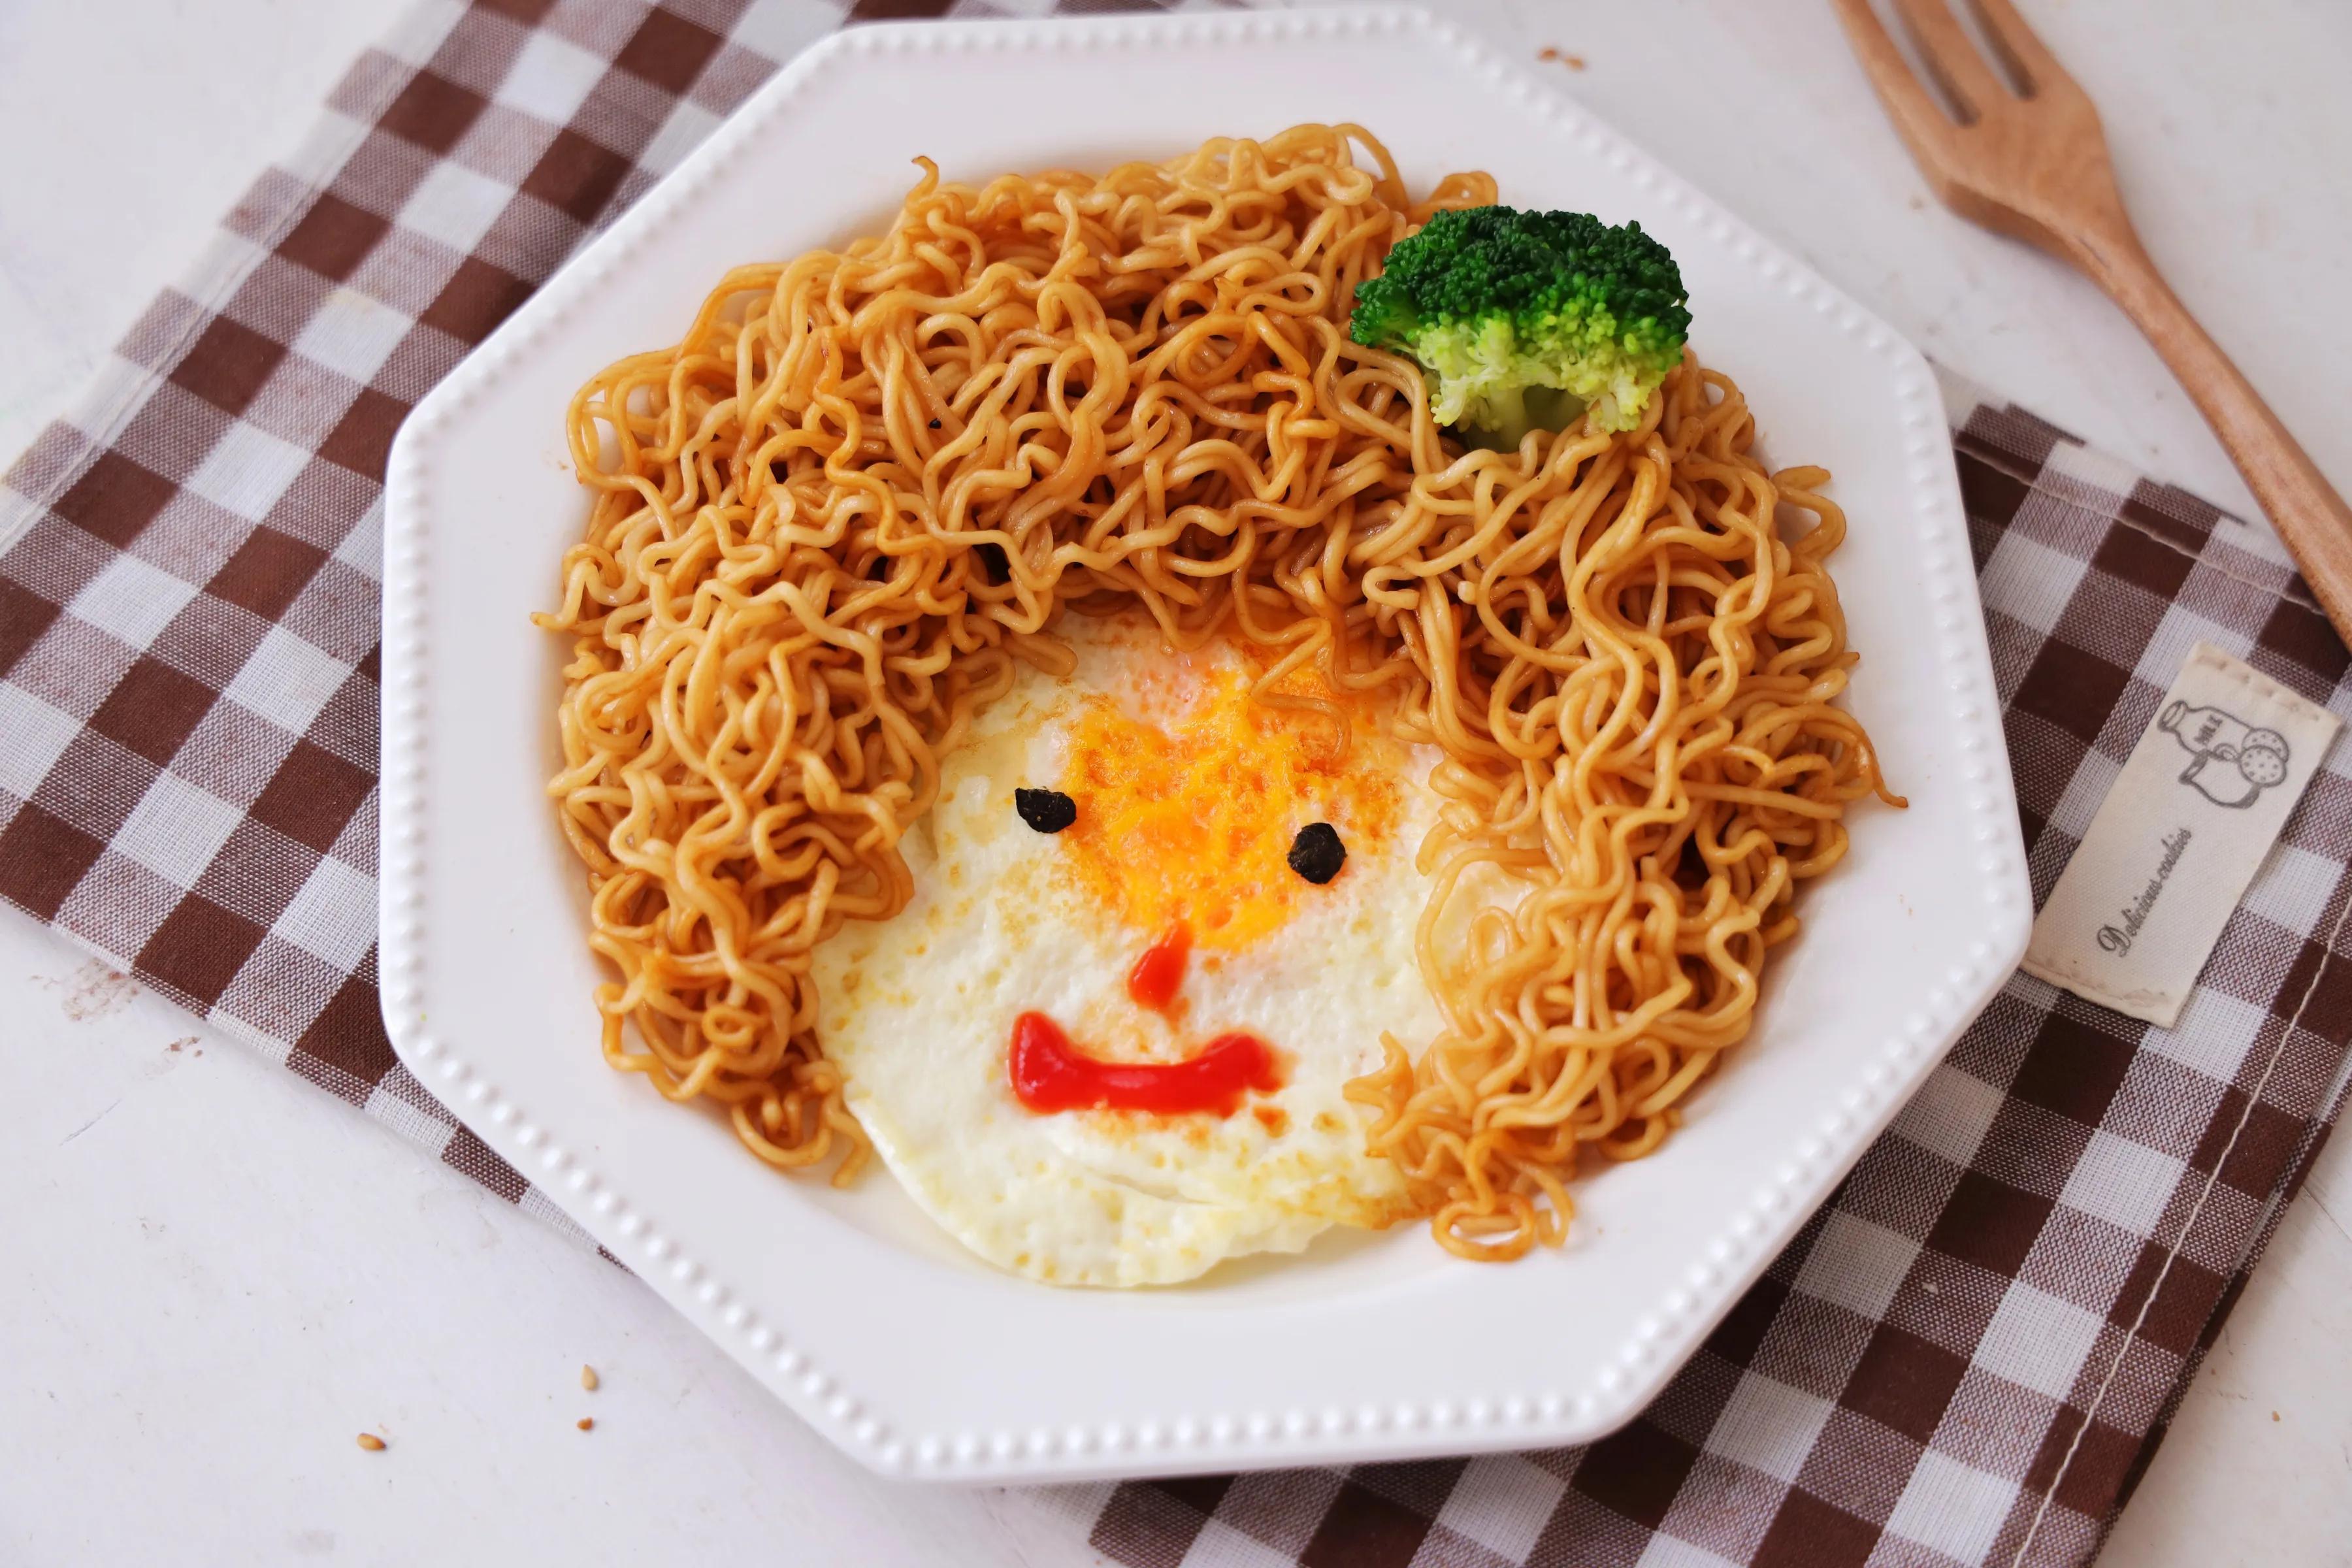 儿童节到了,给孩子做道简单的造型早餐,仪式感满满,特别简单 美食做法 第1张